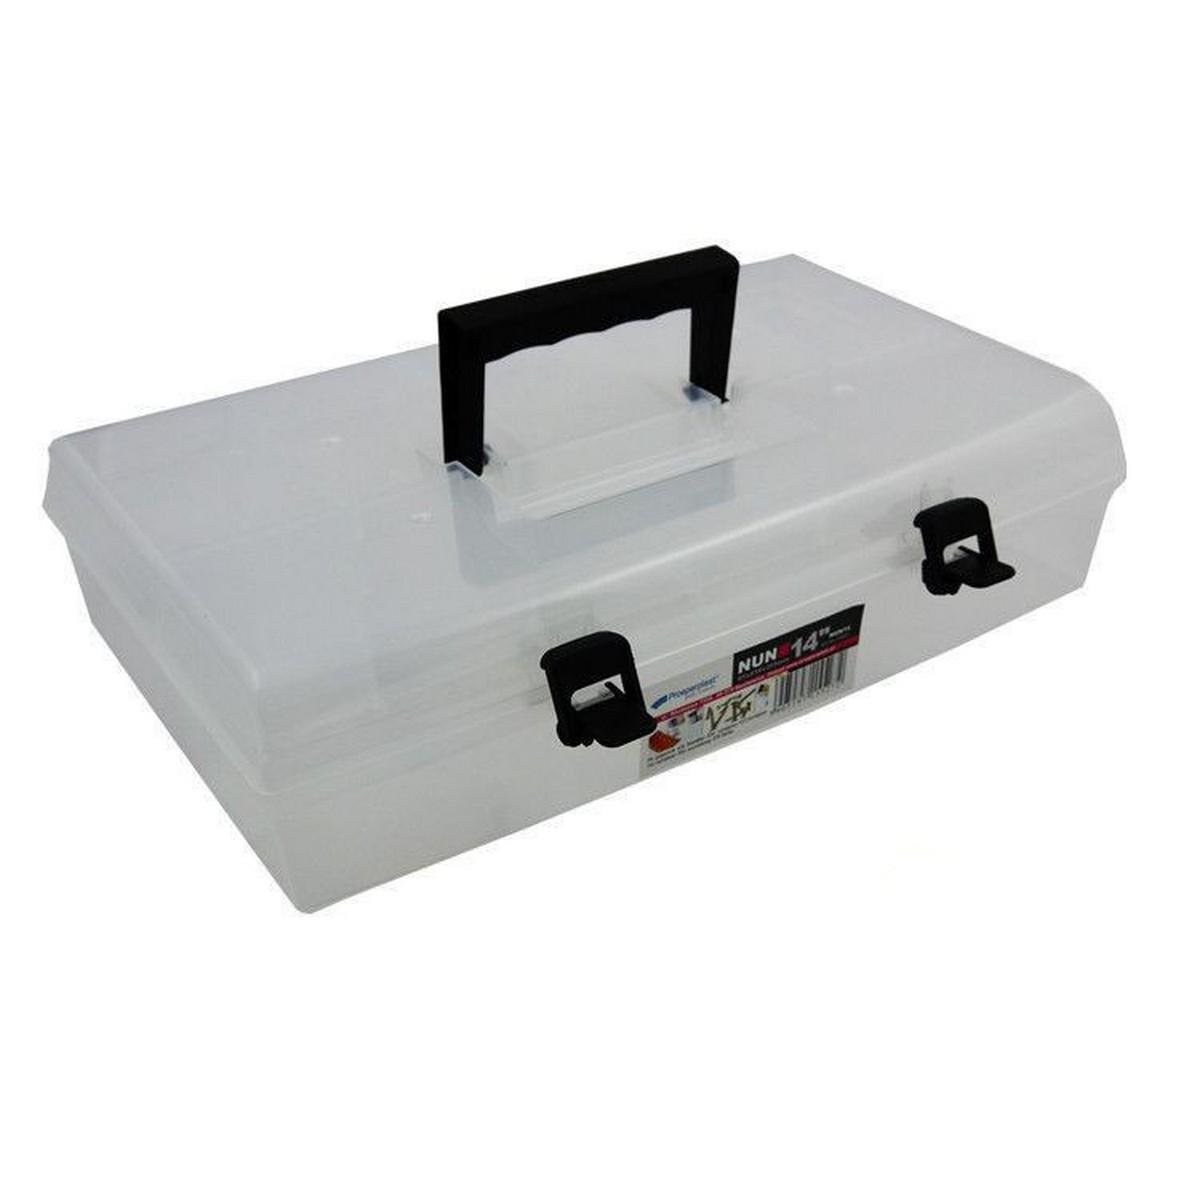 Кутия за аксесоари Prosperplast NUN14